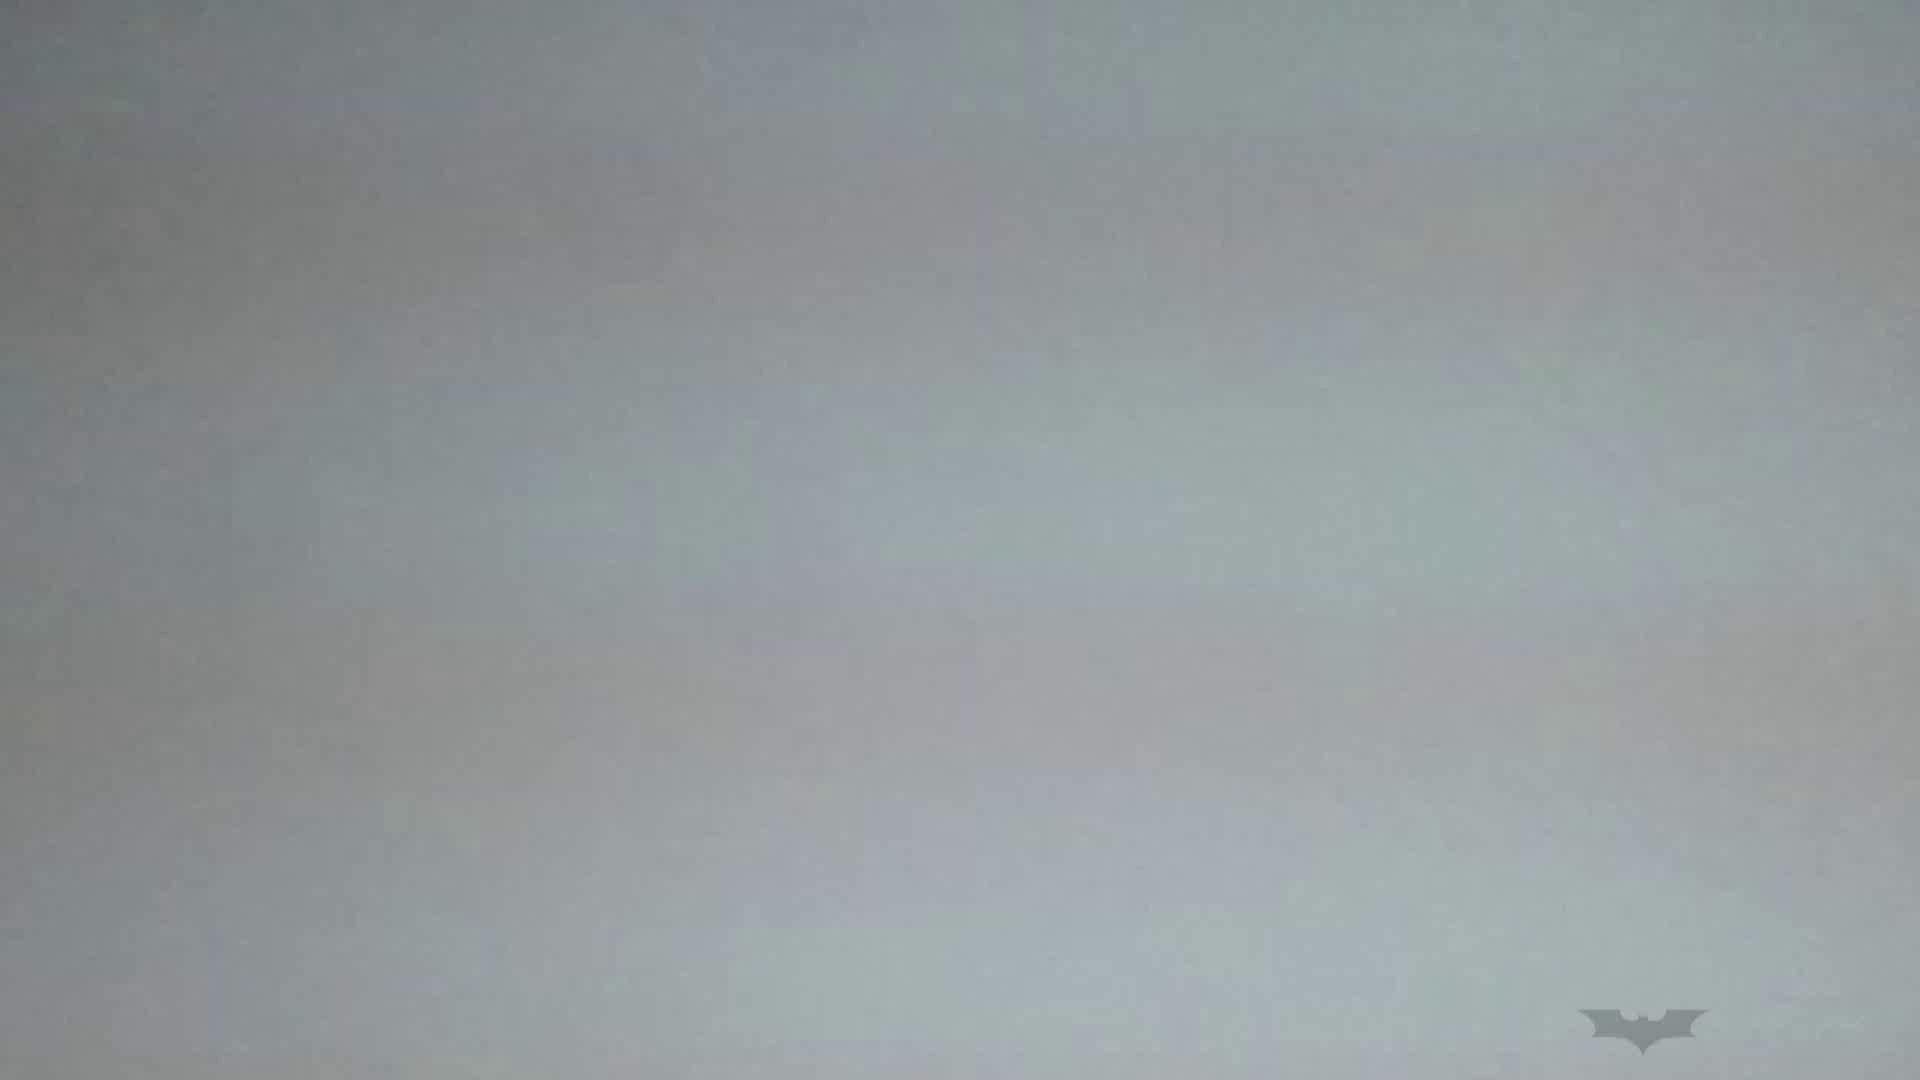 ▲復活限定D▲化粧室絵巻 駅舎編 VOL.03 おっと!ワカメ、多め。 洗面所のぞき   期間限定動画  79枚 41